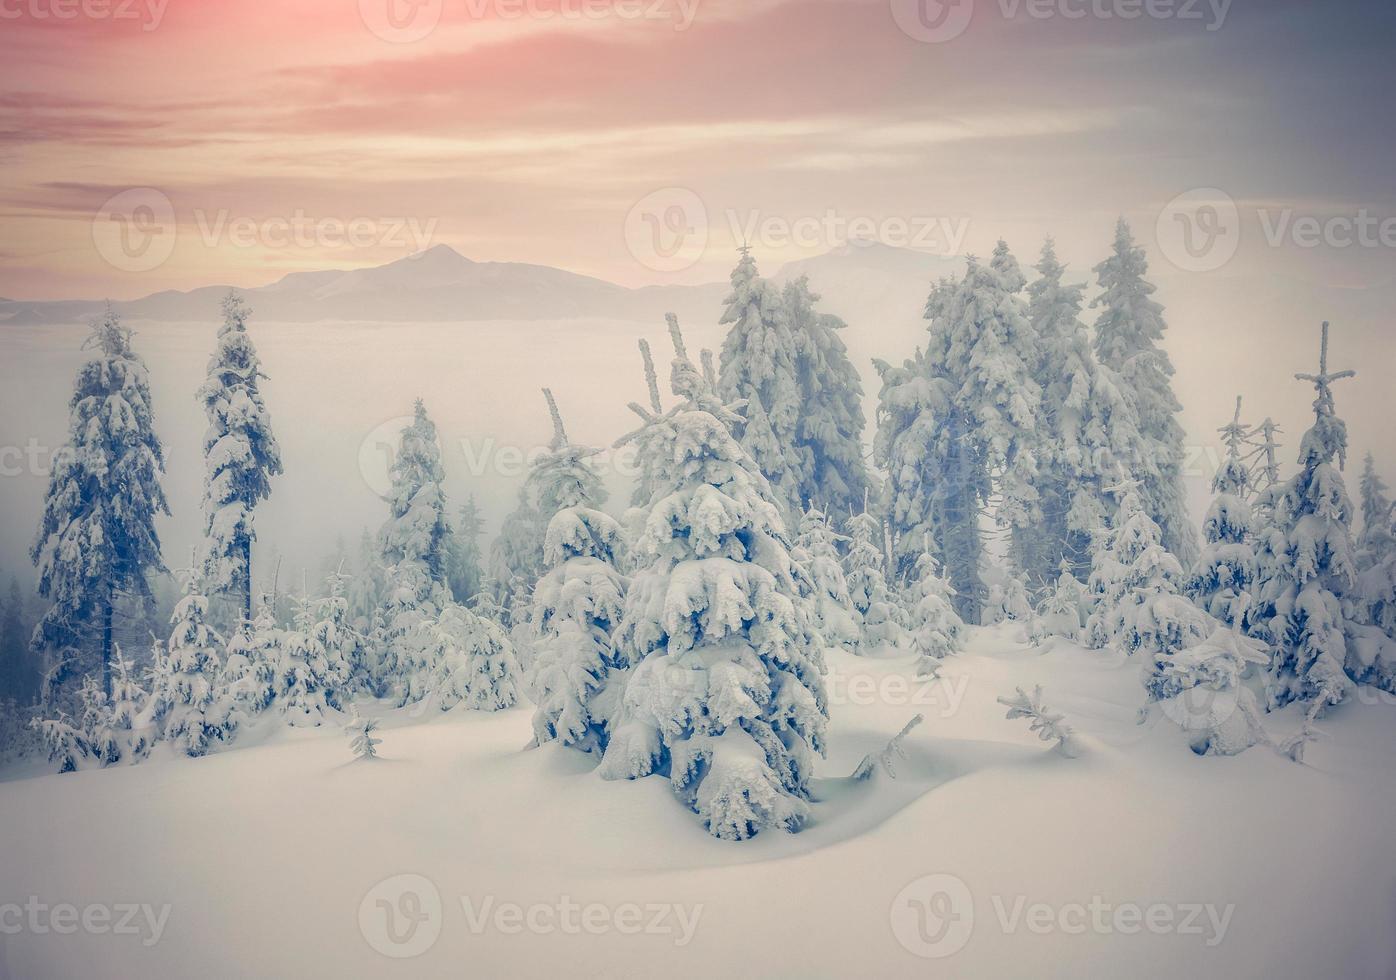 nevelig bos in de winterbergen. foto